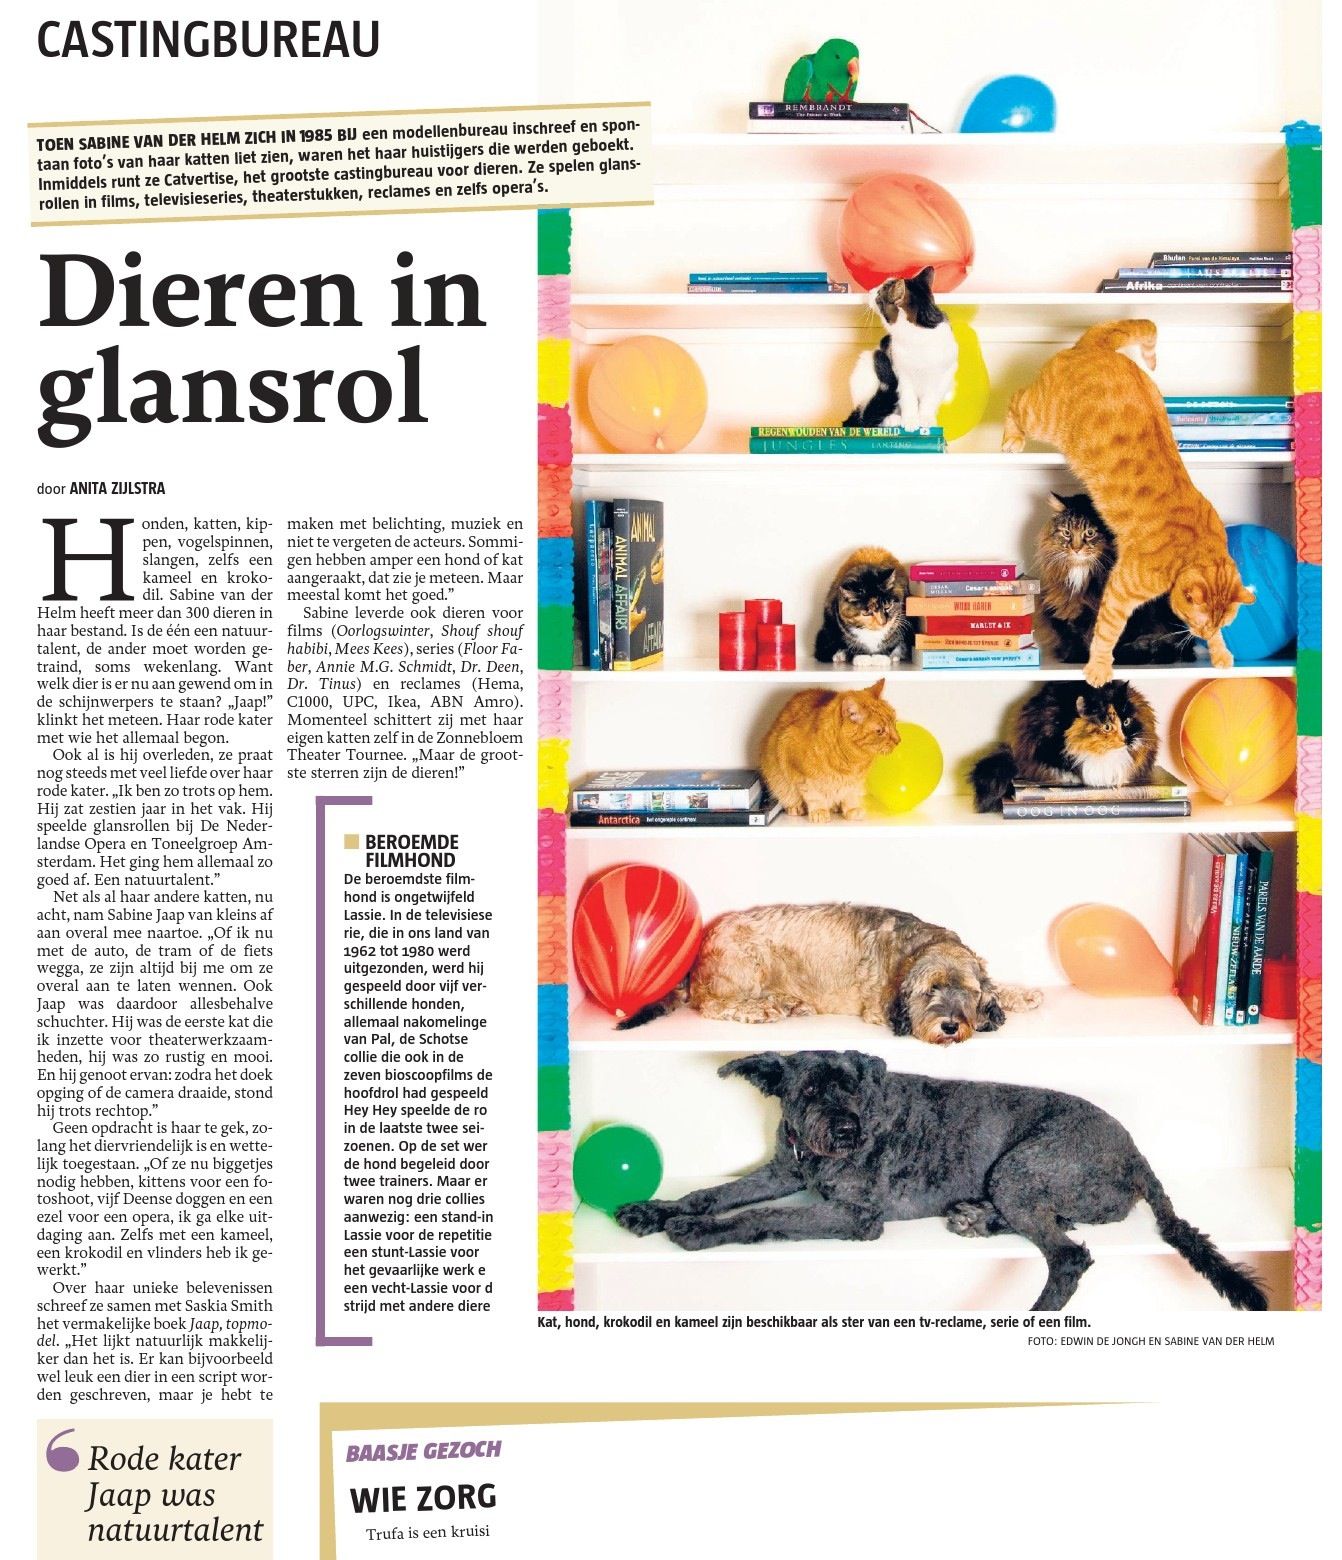 Artikel omtrent boek in de Telegraaf